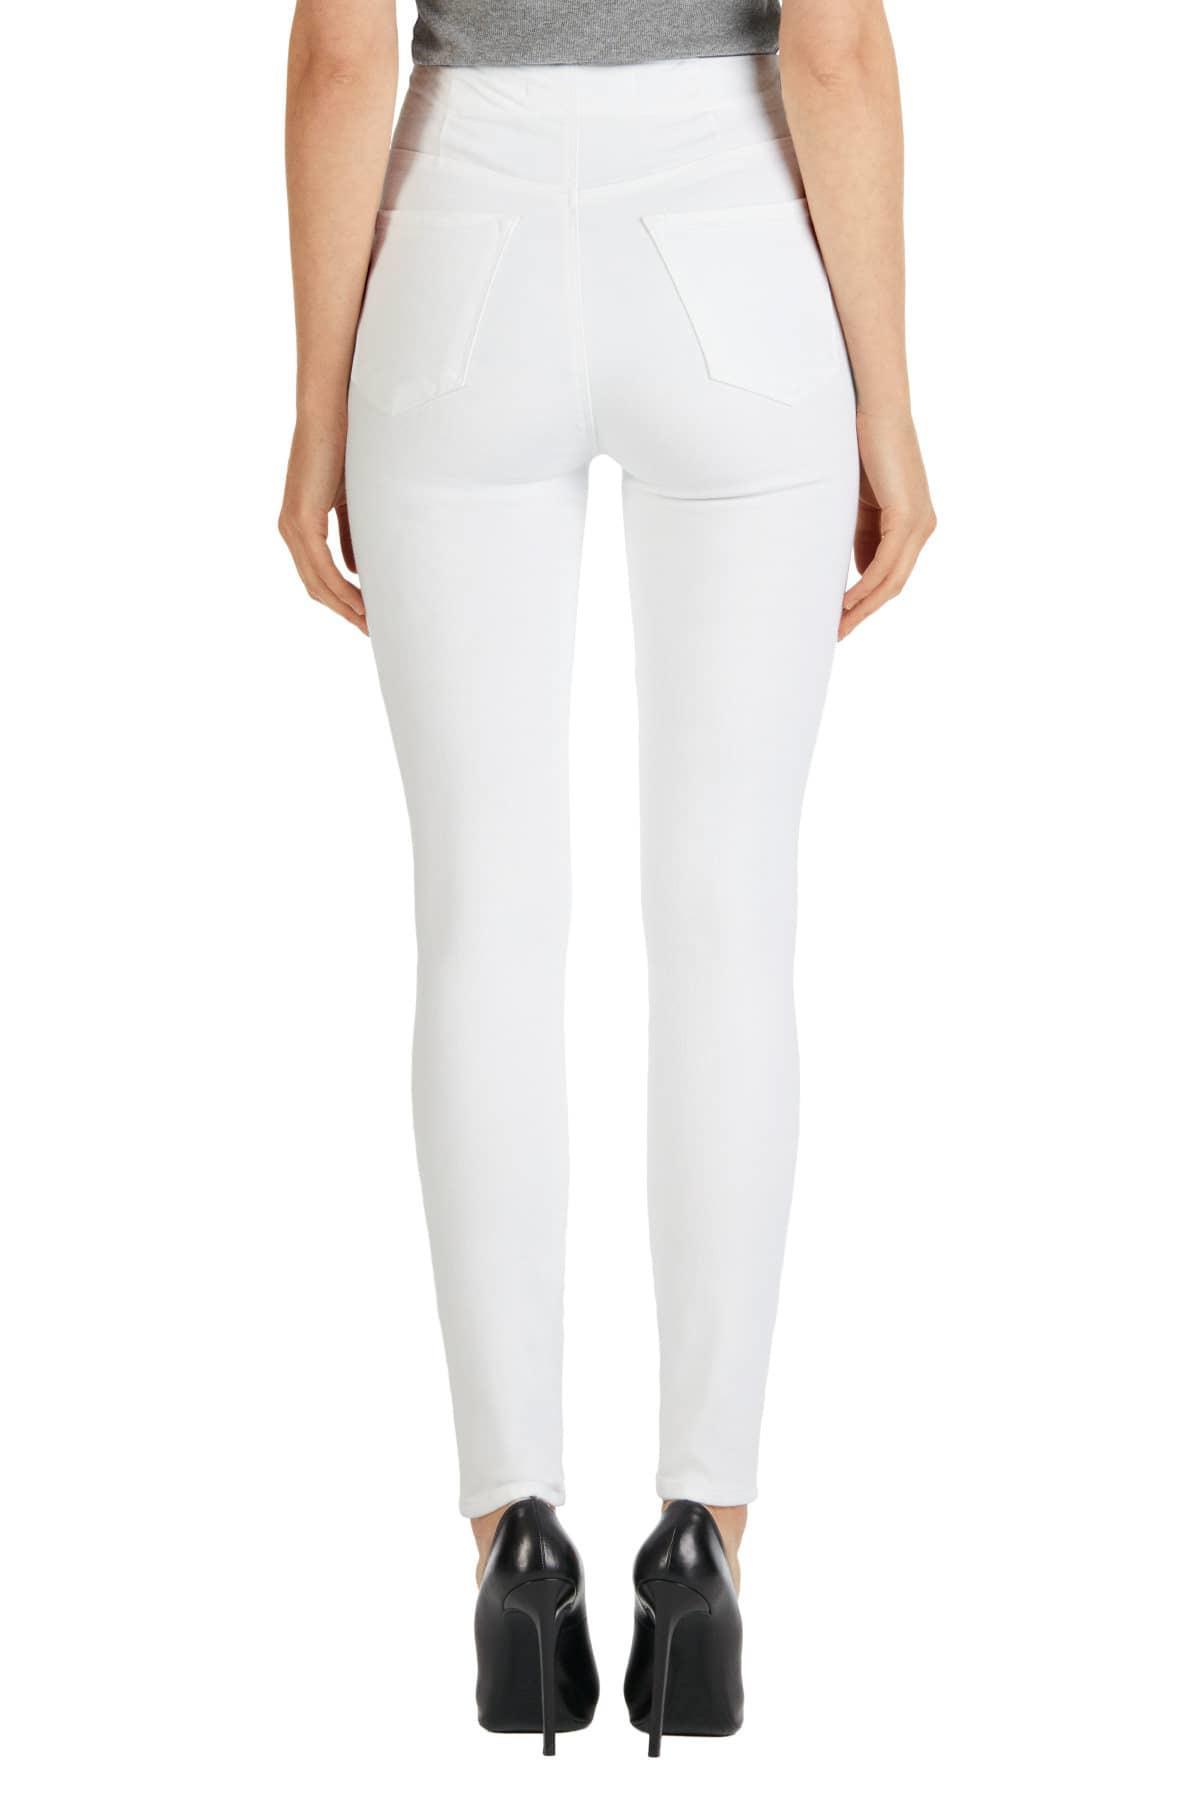 NWT J BRAND Natasha Sky-High Rise Super Skinny in Blanc White Sz 25 27 30 $248